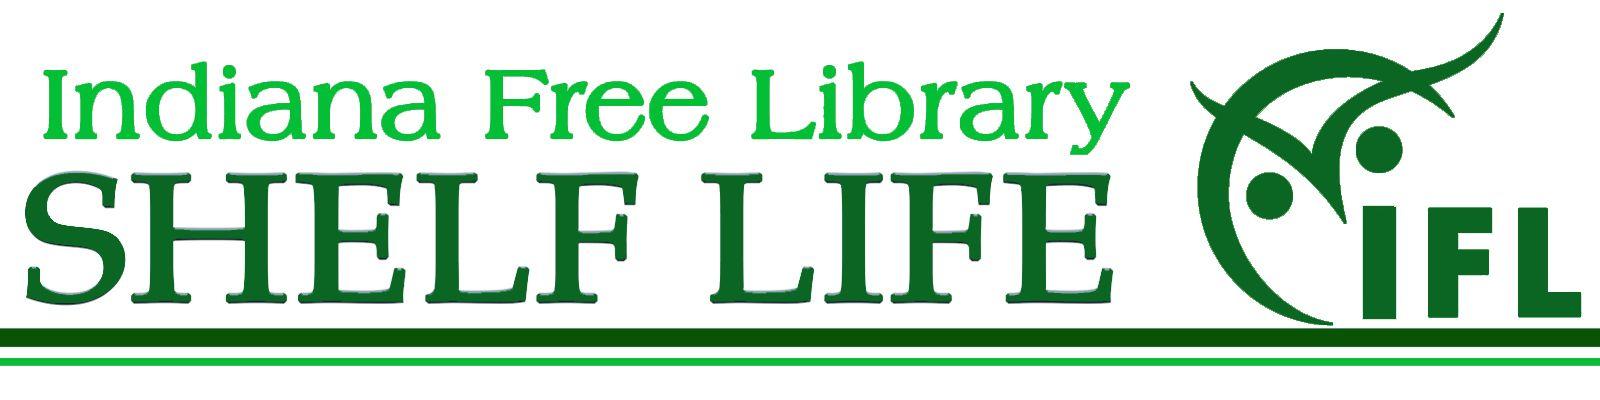 IFL Shelf Life